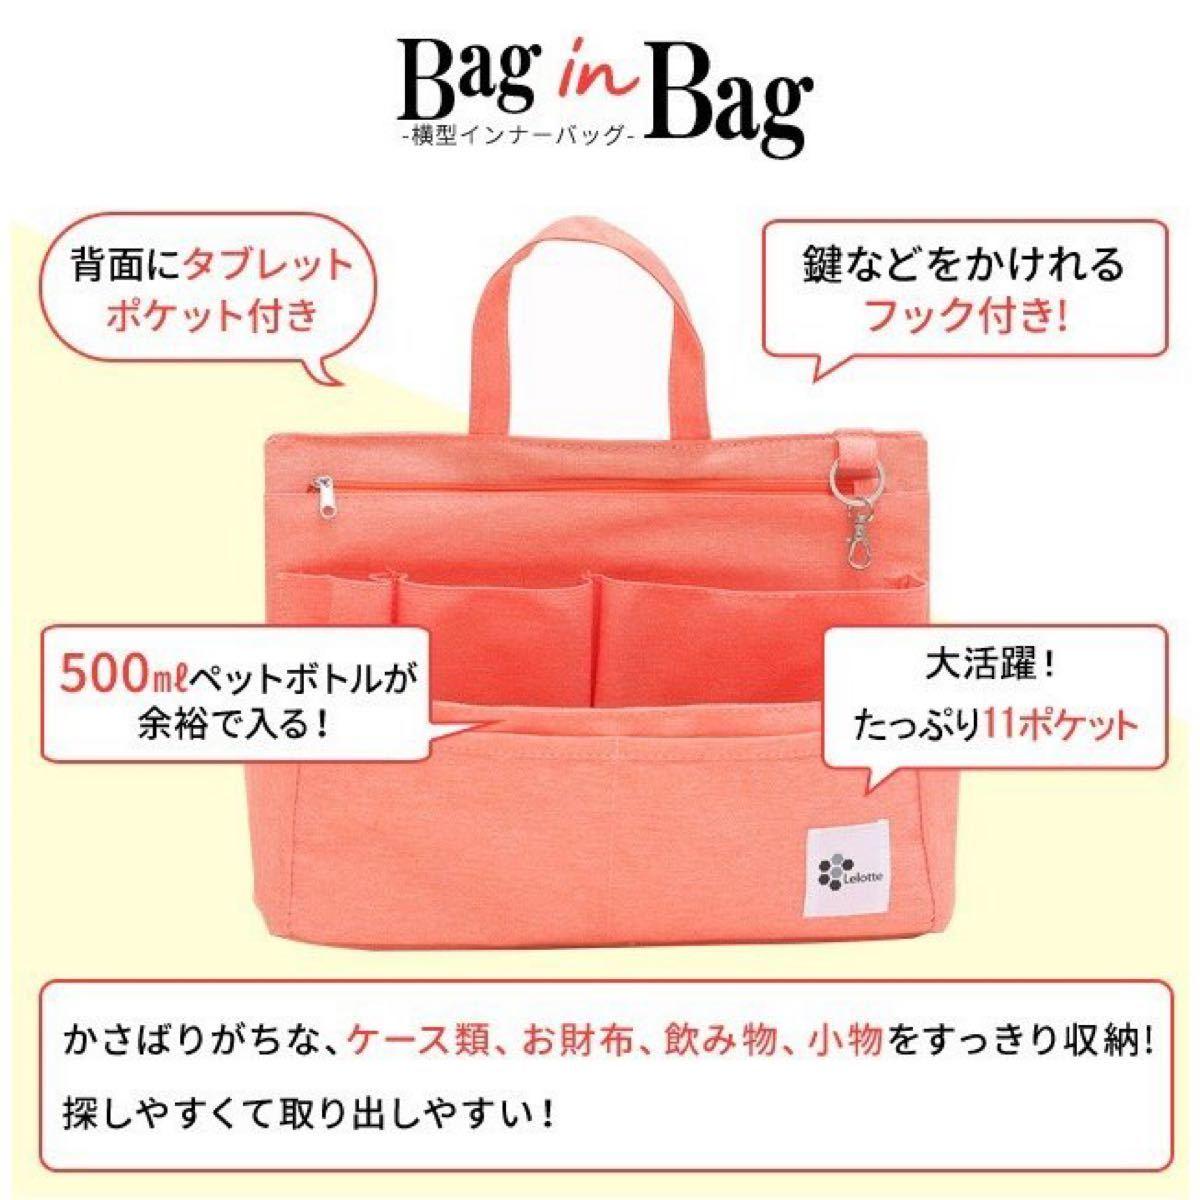 バッグインバッグ トートバッグ A4 収納 ポーチ バッグ グレー 多機能